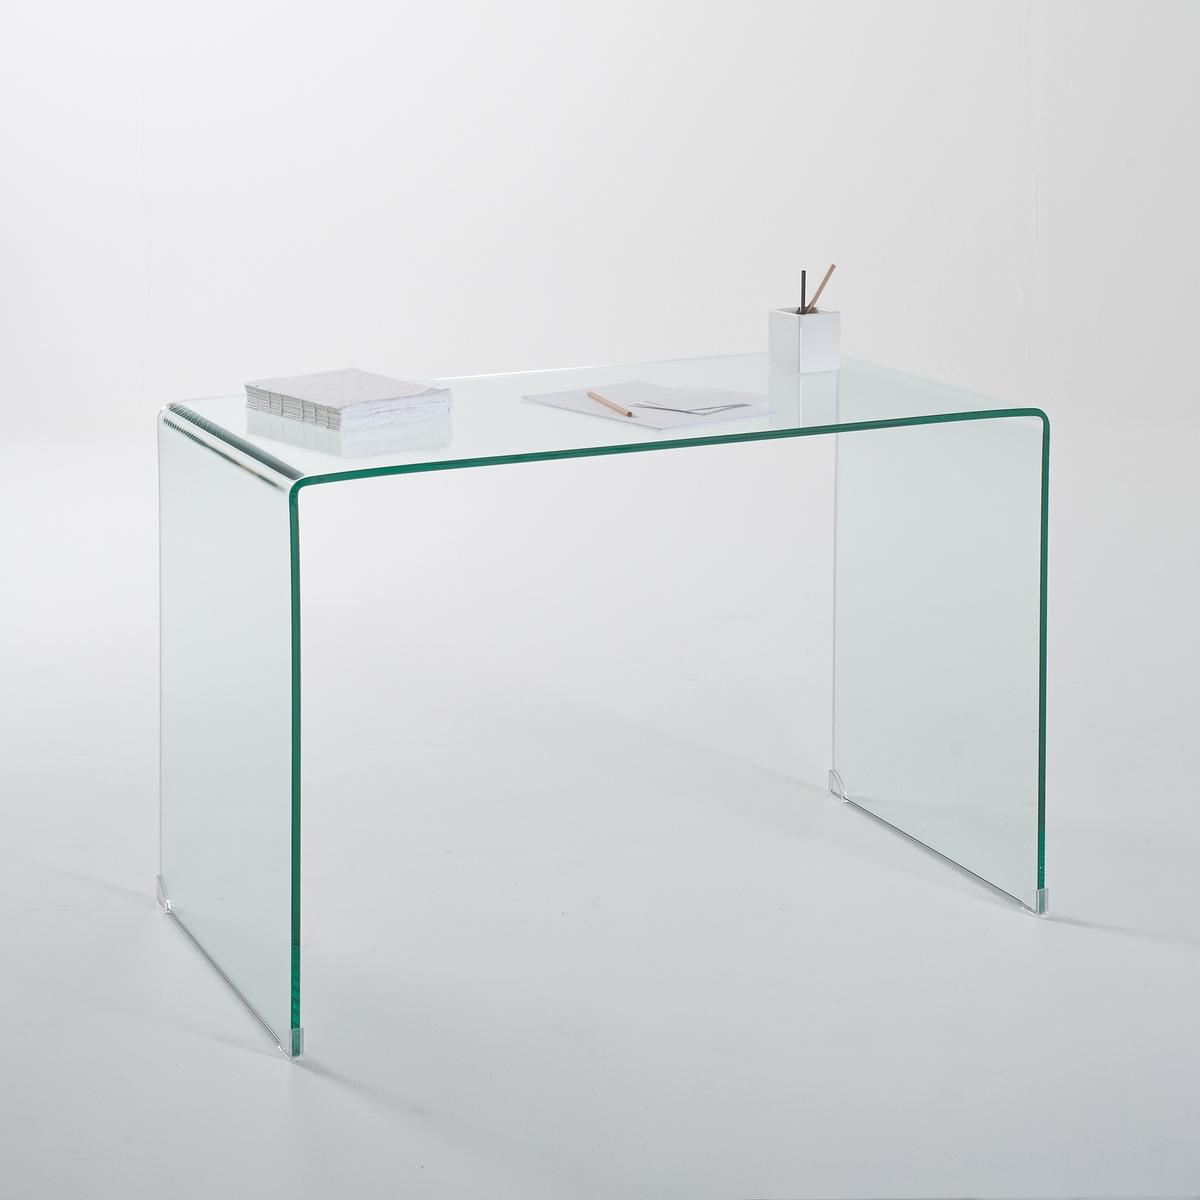 Стол письменный из закаленного стекла Joan joan manuel serrat torrevieja